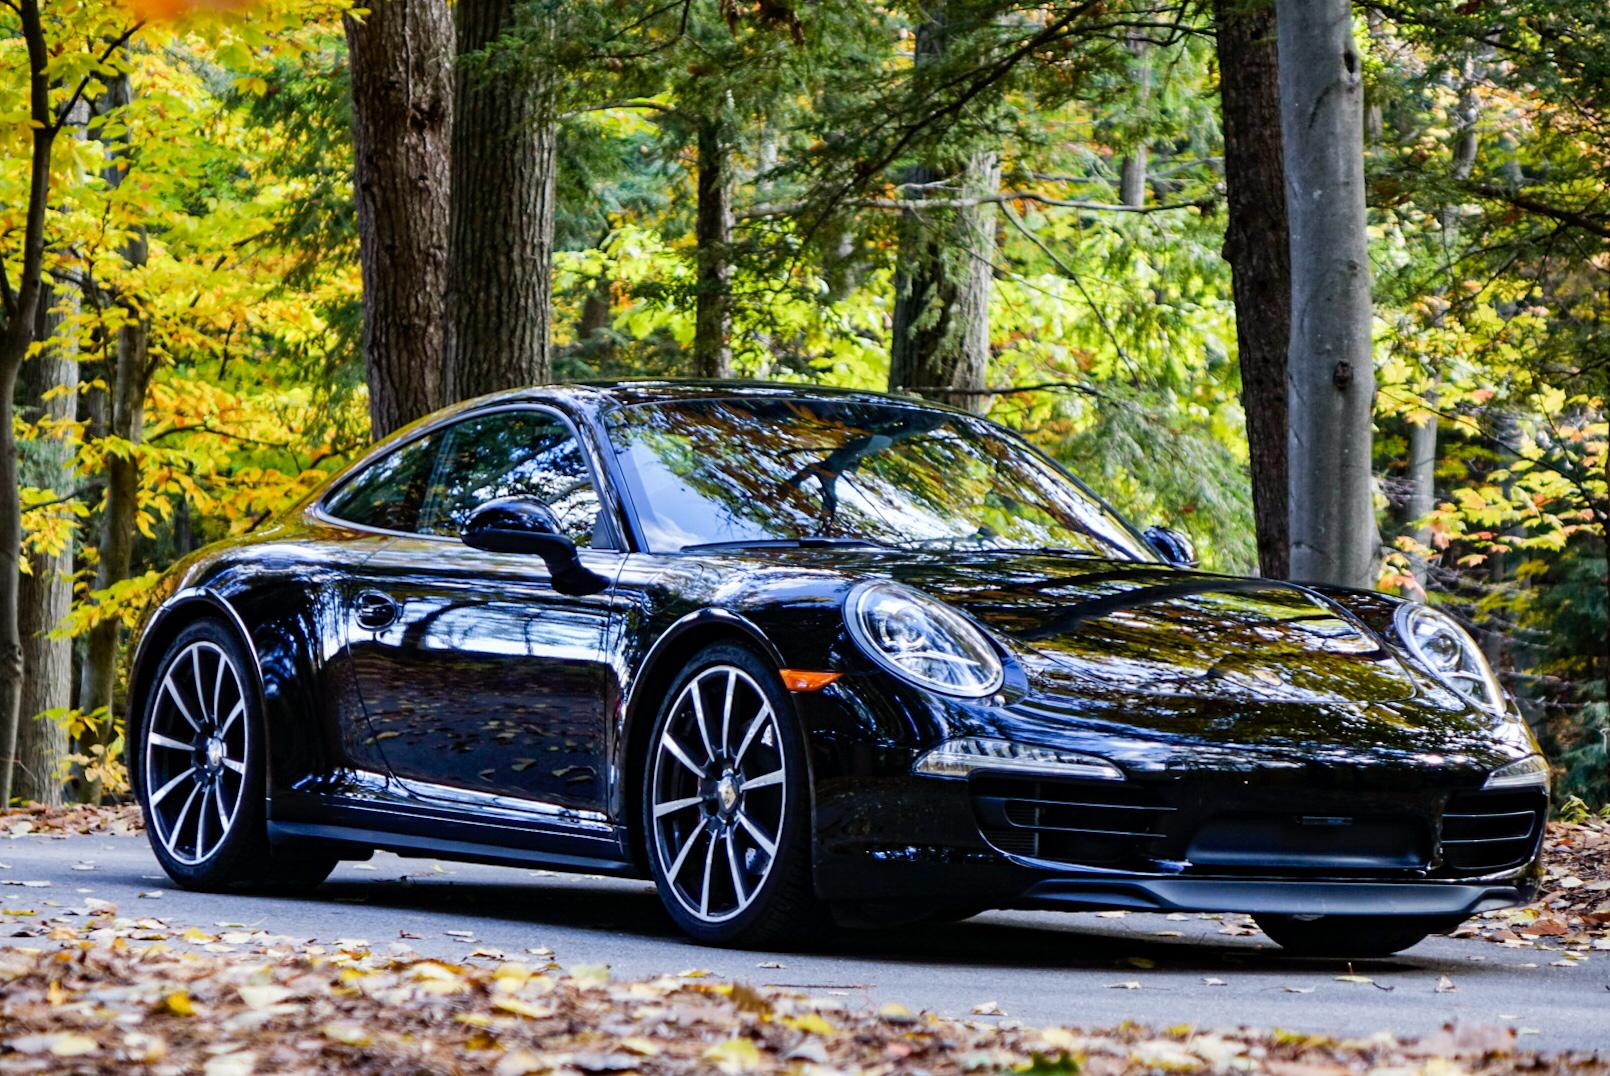 McKeel Hagerty's 2013 Porsche 911 Carrera 4S